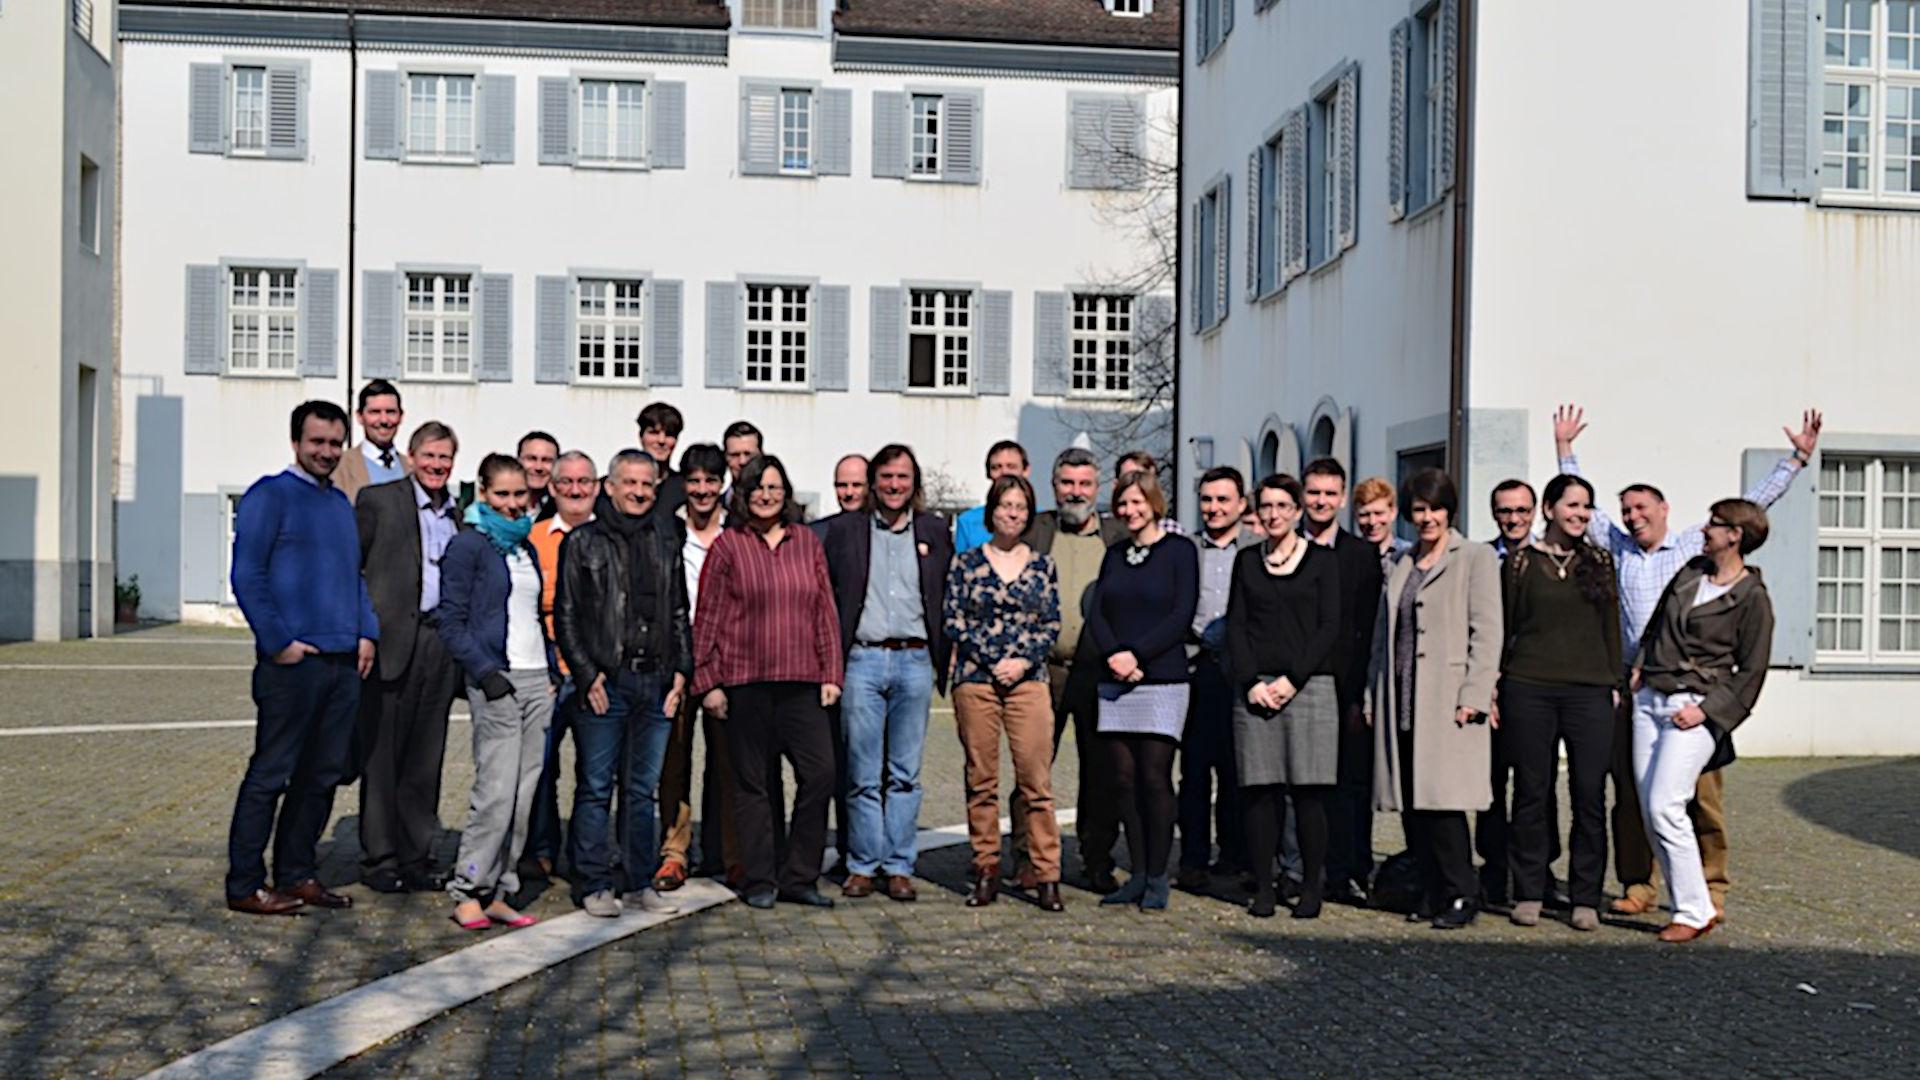 Gruppenbild der Teilnehmer am ECFN/Nomisma.org-Meeting in Basel